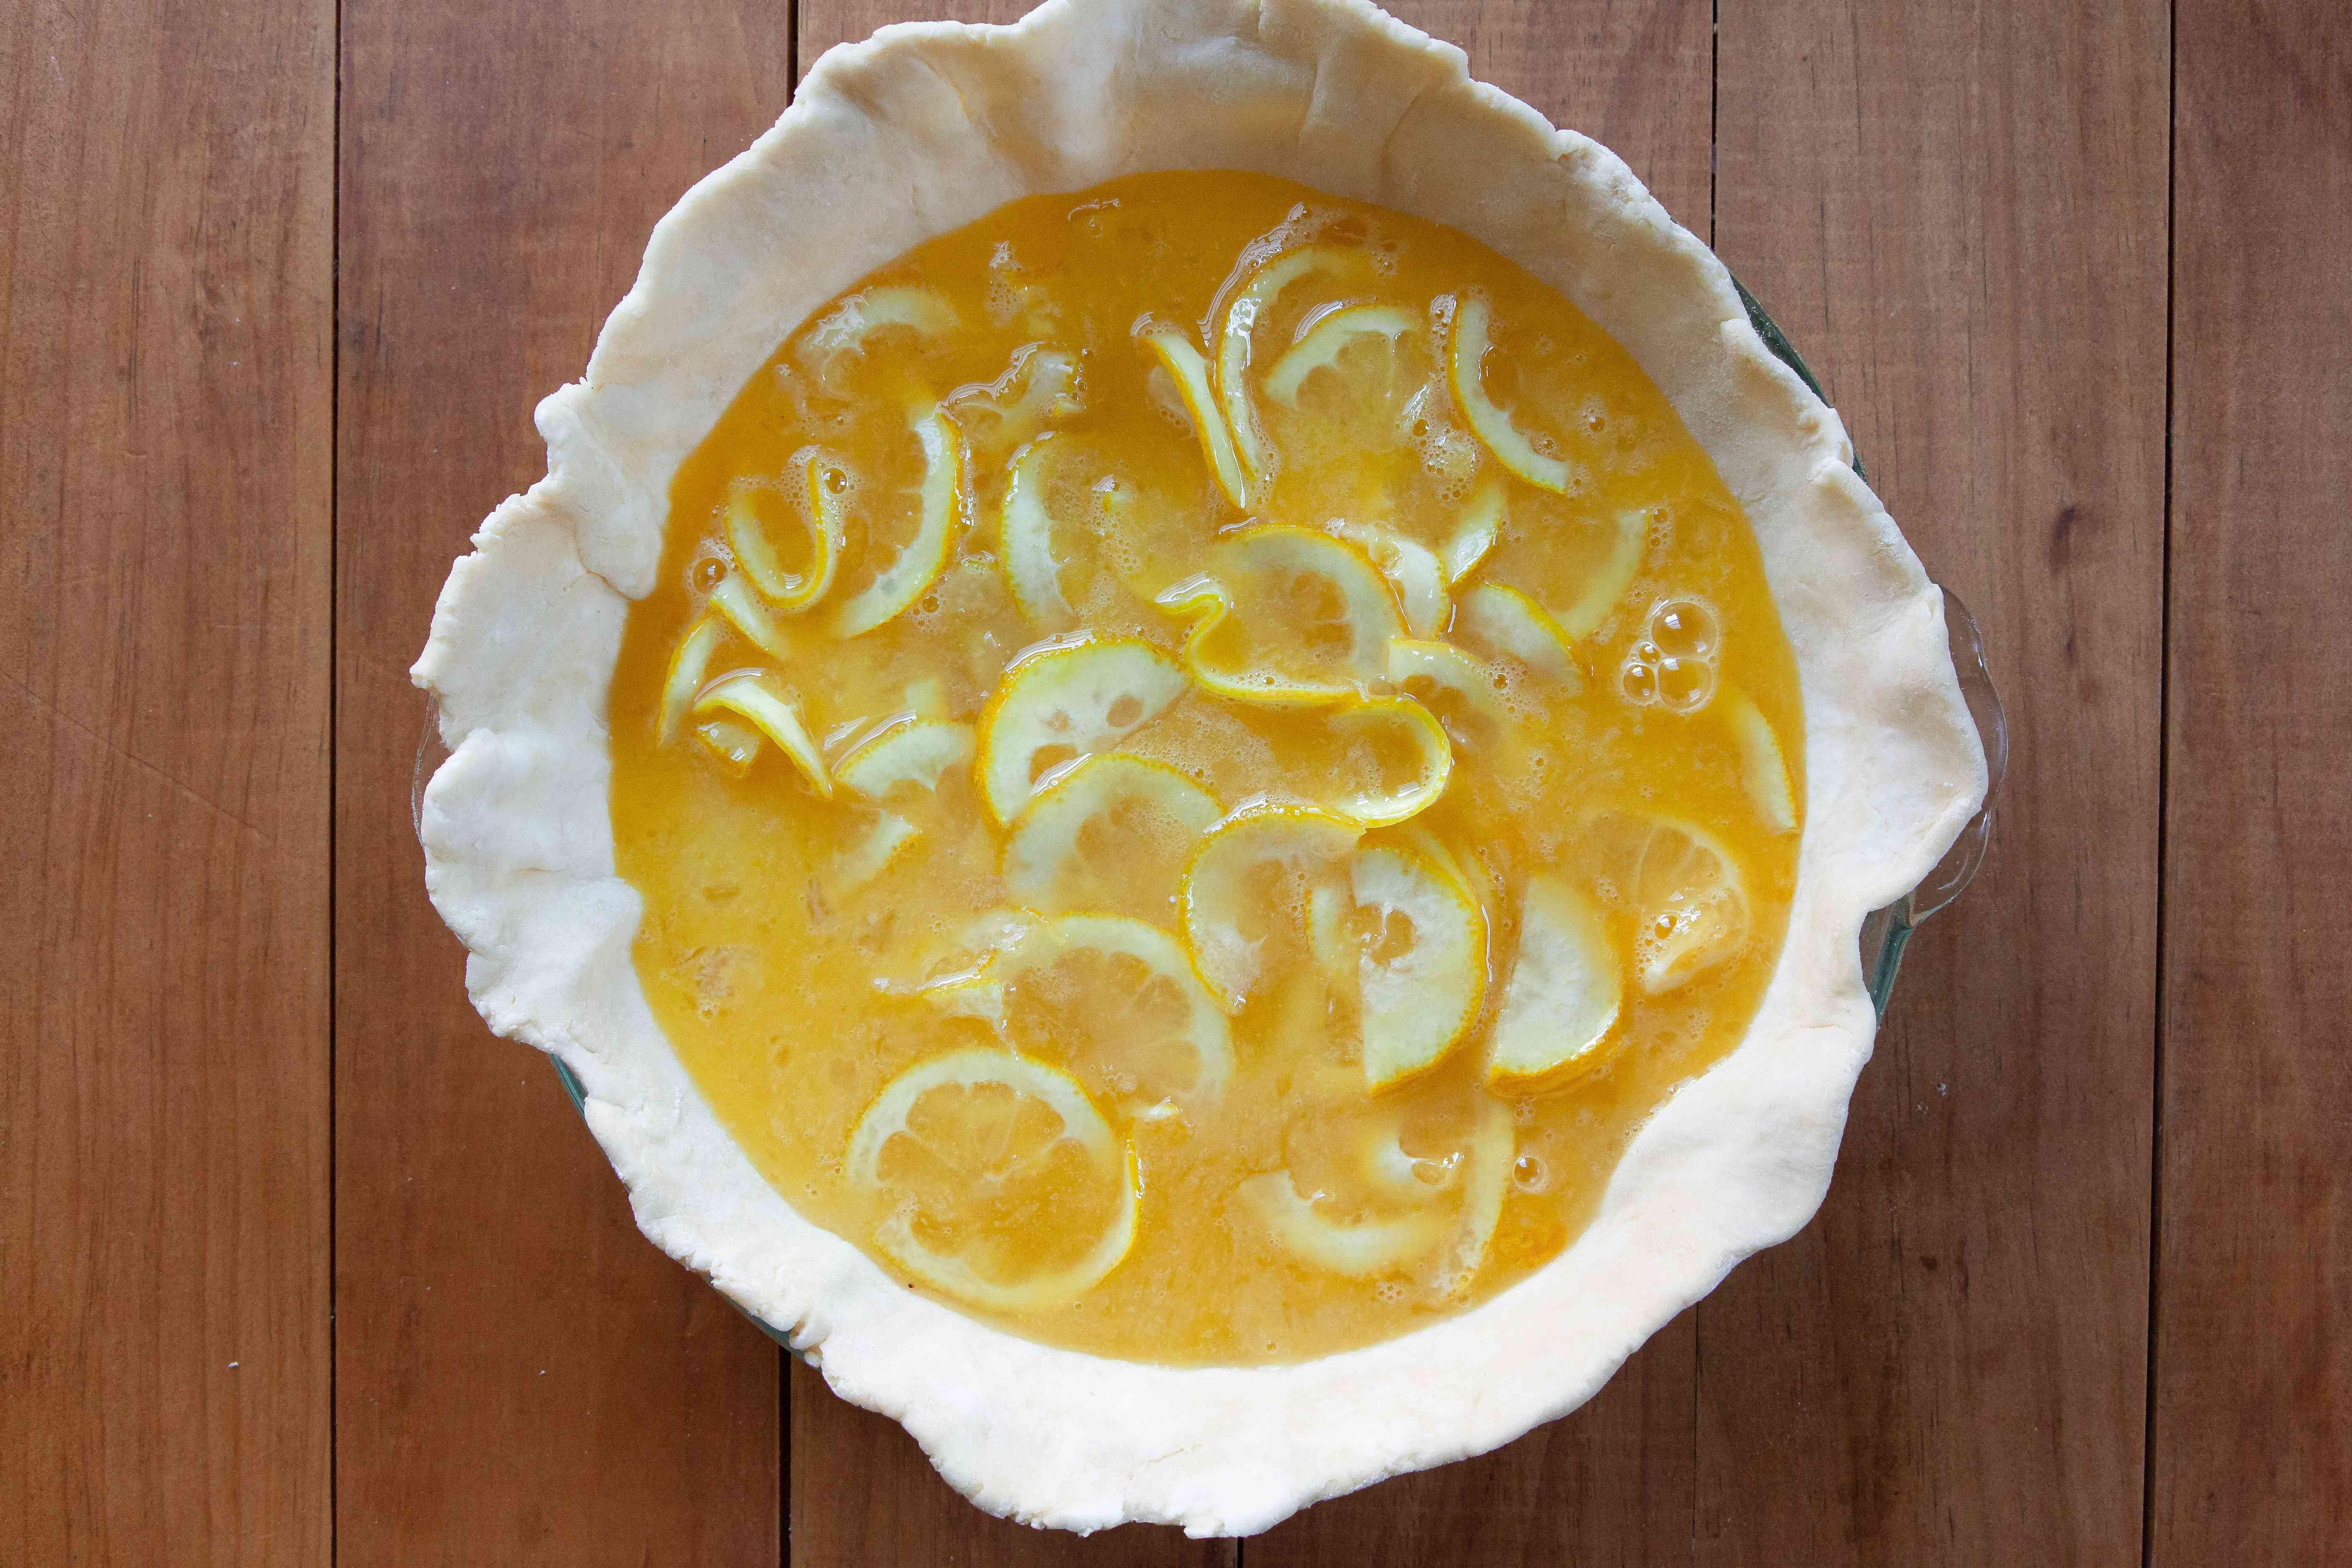 Shaker Lemon Pie filling in an unbaked pie crust.